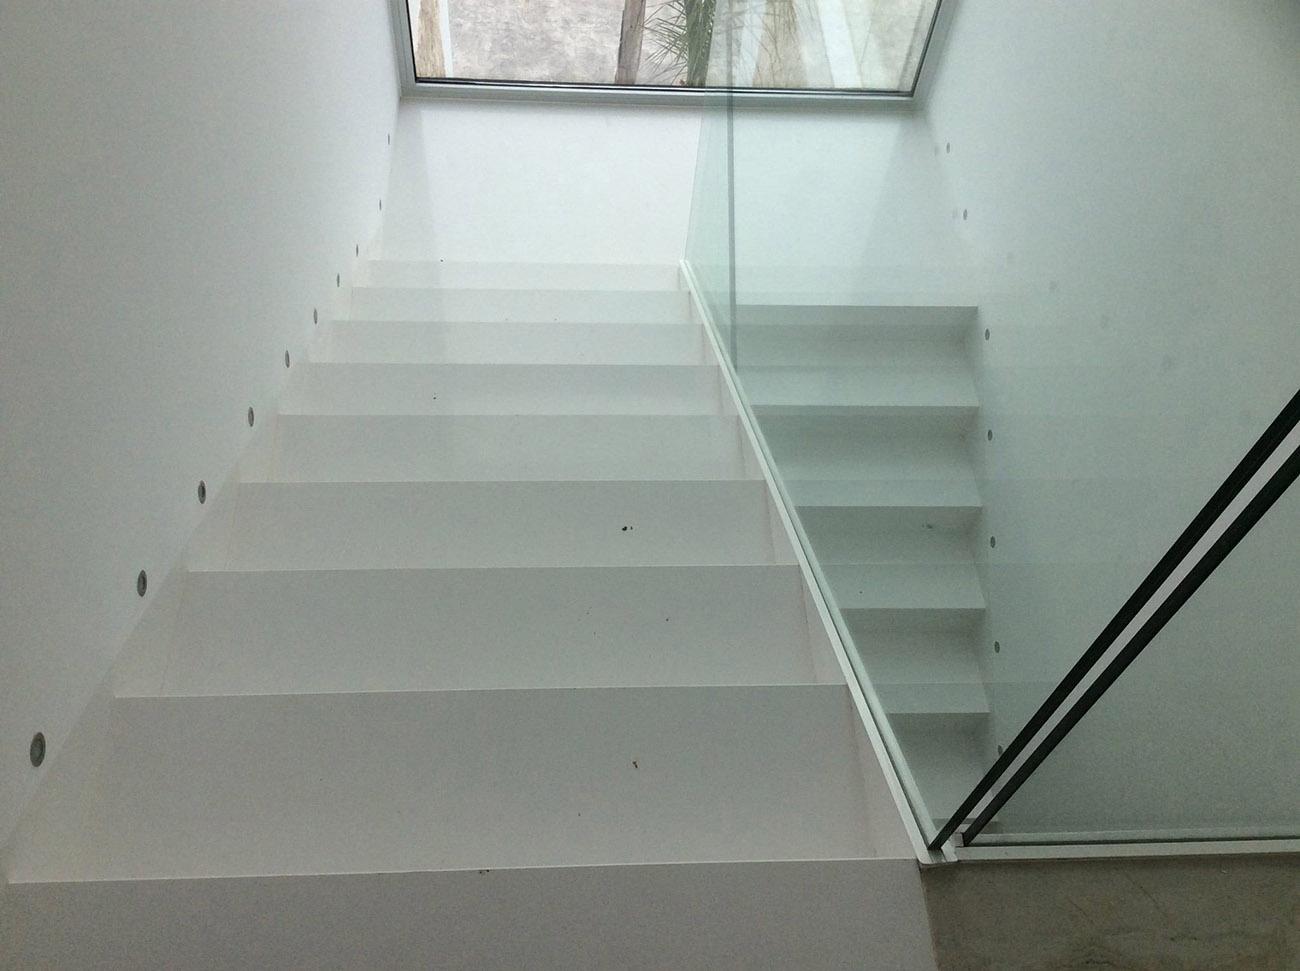 Escalier Interieur Maison Moderne marbrerie intérieur : la déco en pierre dans la maison